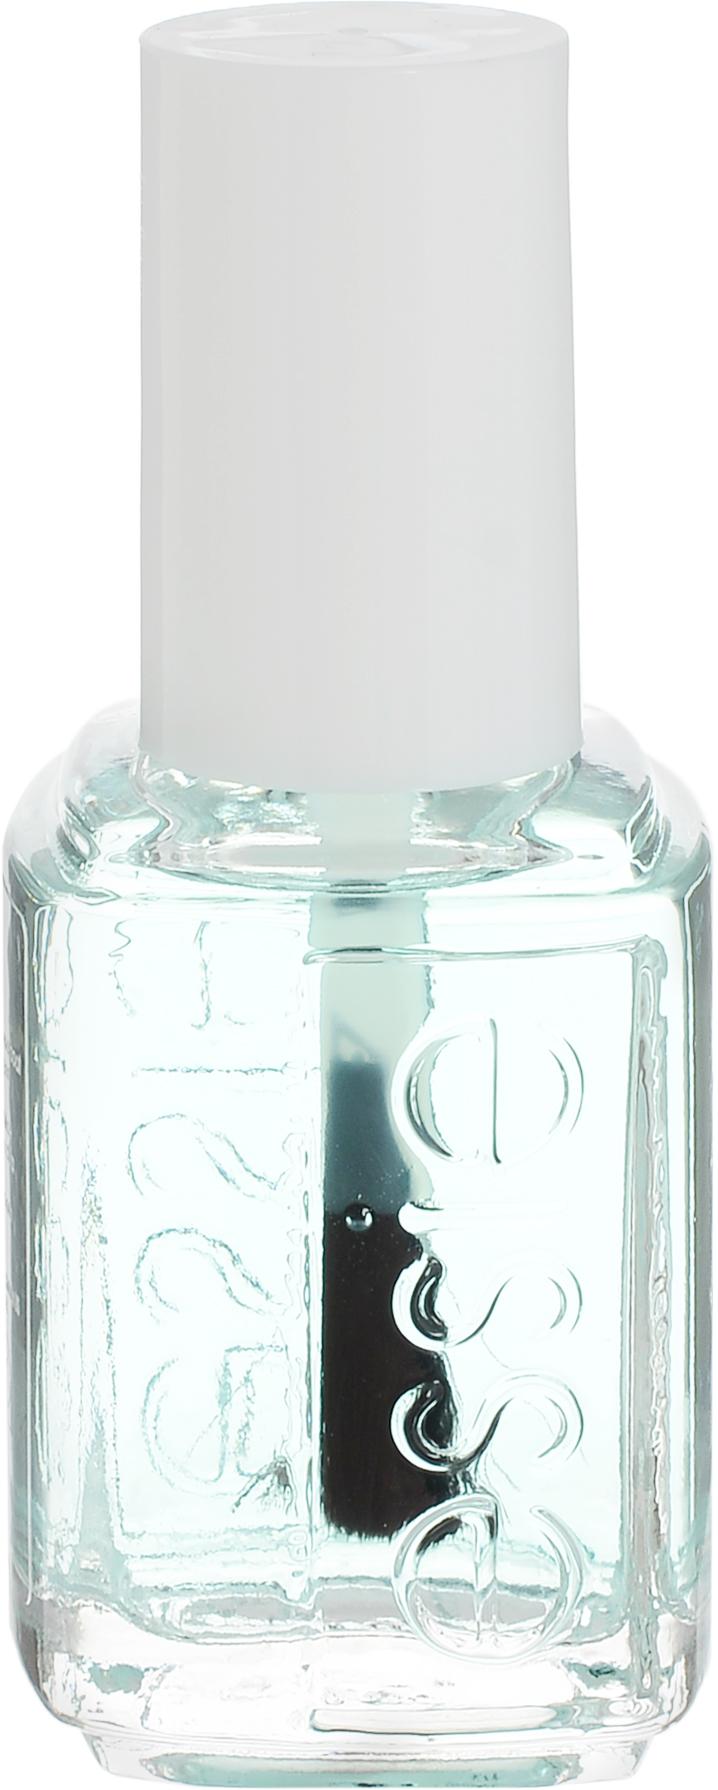 Essie Основа для ногтей First Base, универсальная, 13,5 млB2256002Профессиональная основа для ногтей от Эсси станет подходящей базой для домашнего использования. Средство визуально выравнивает ногти и значительно продляет стойкость лакового покрытия.